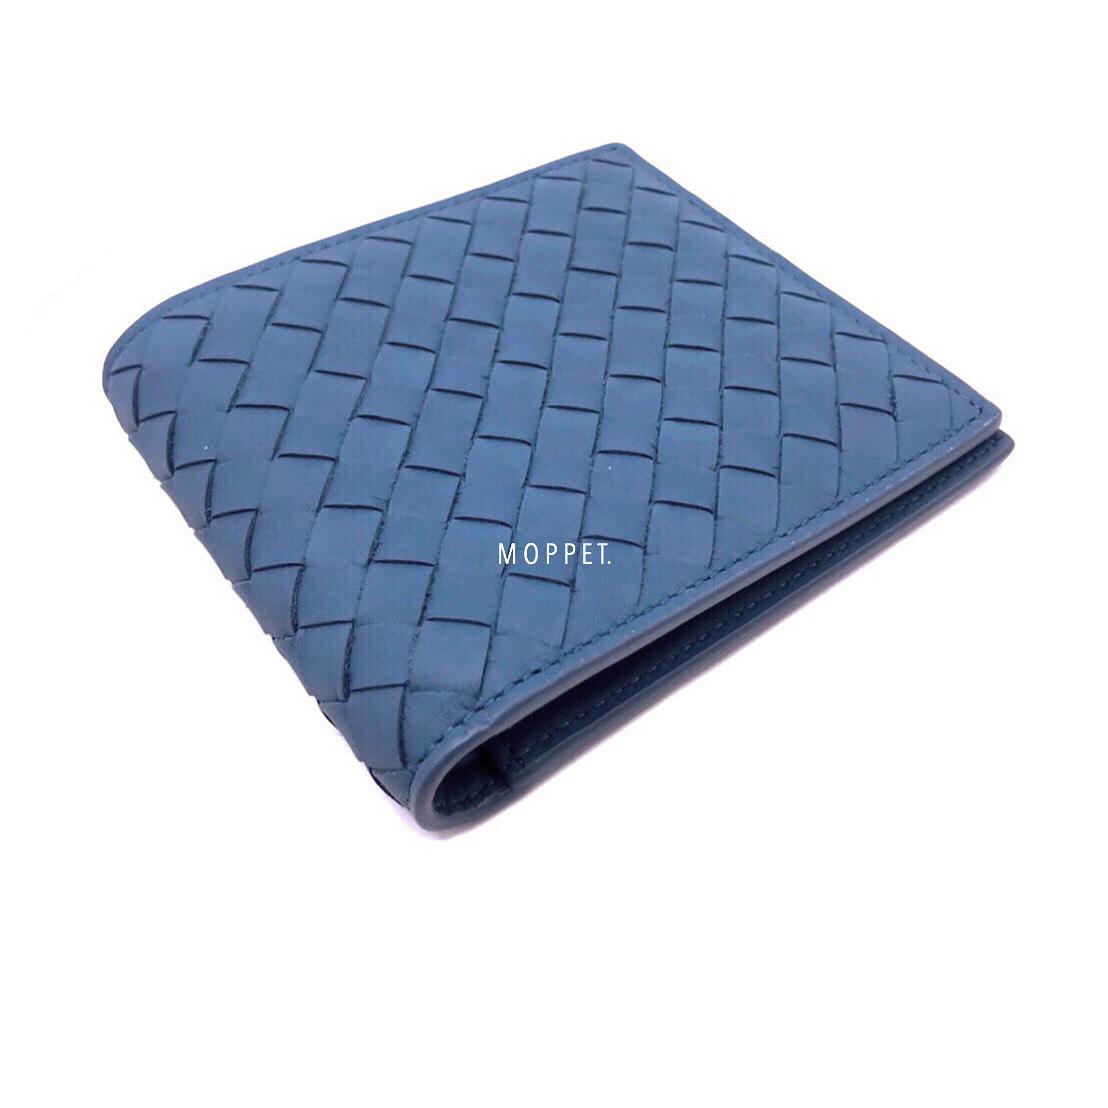 New Bottega Men's Wallet 8 Card in Blue Leather